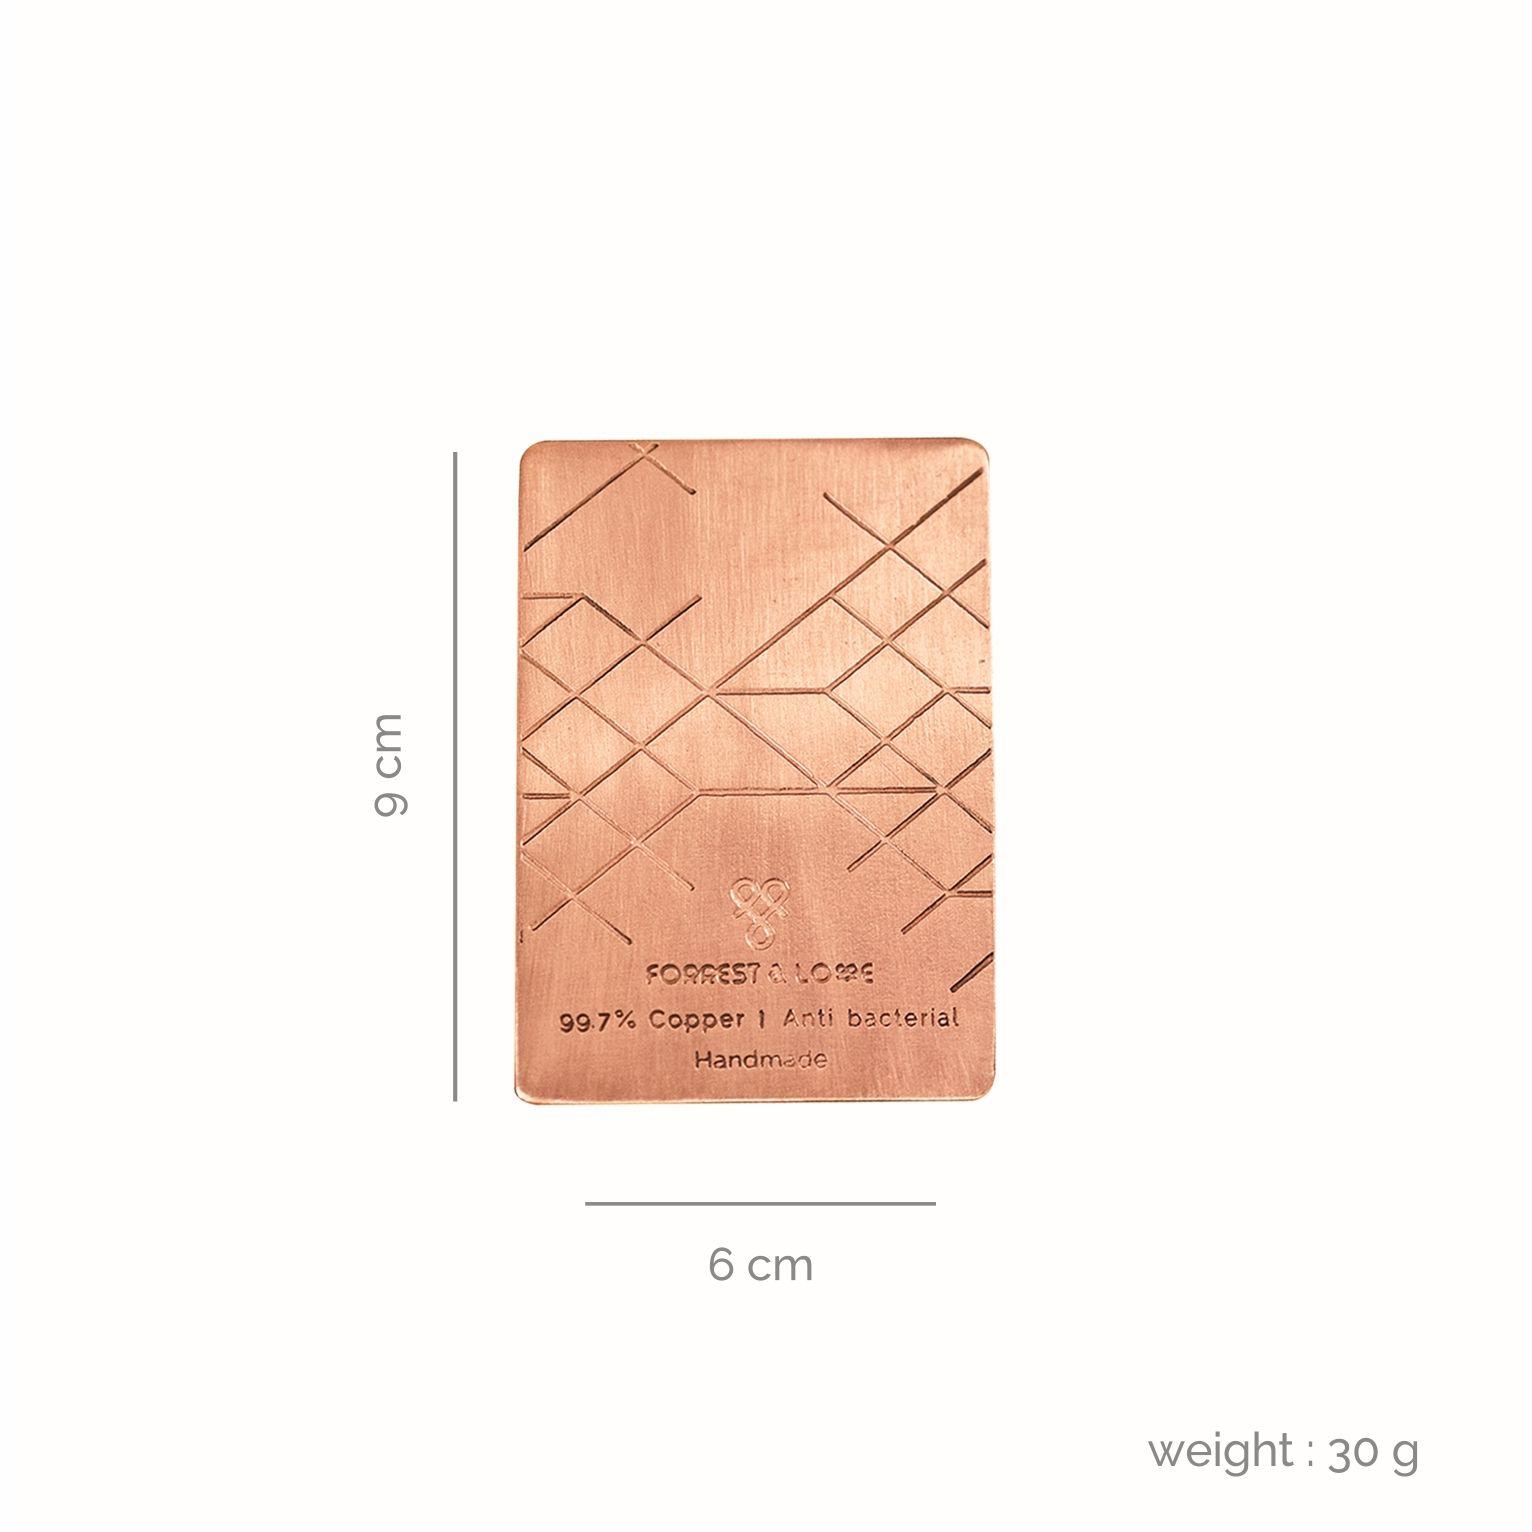 copper patch_E-W